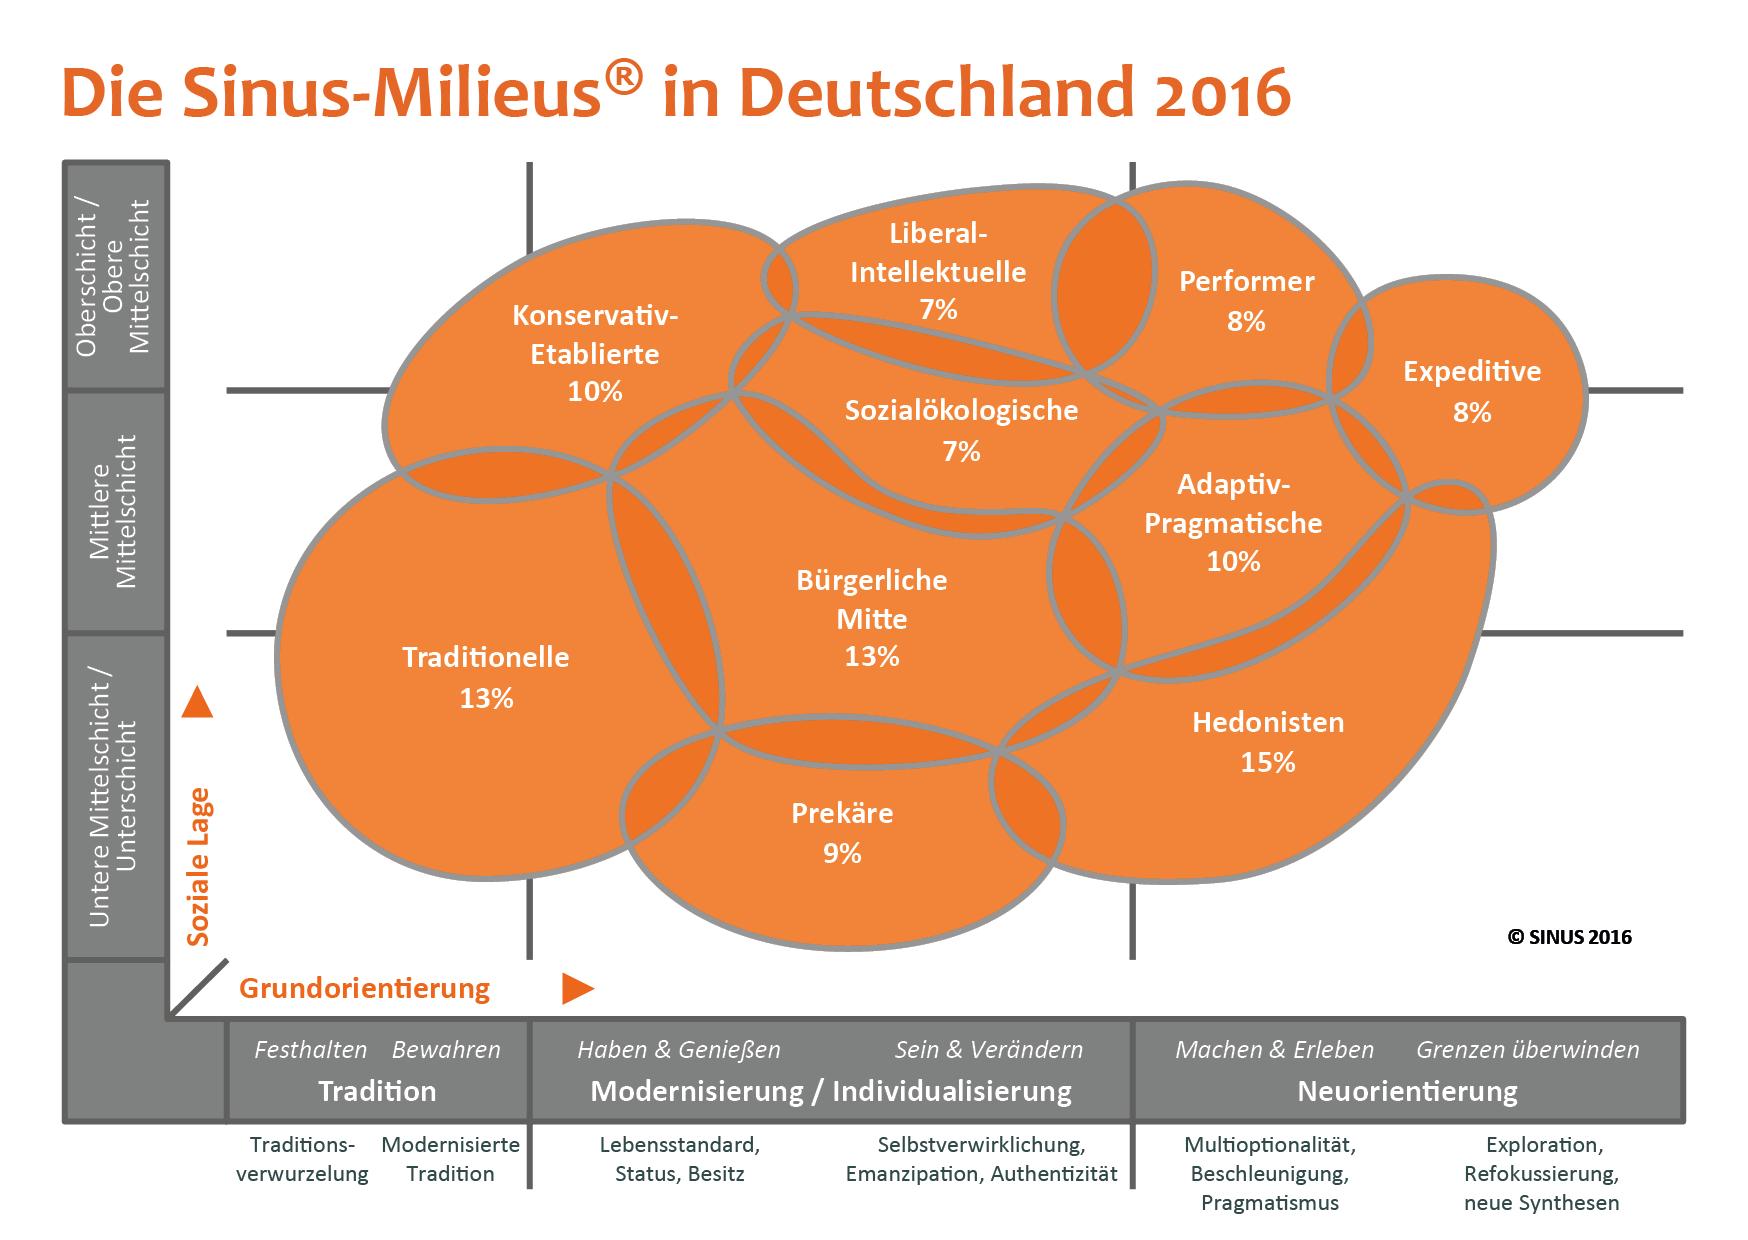 Buyer Persona Konzept: Darstellung der Sinus Milieus in Deutschland